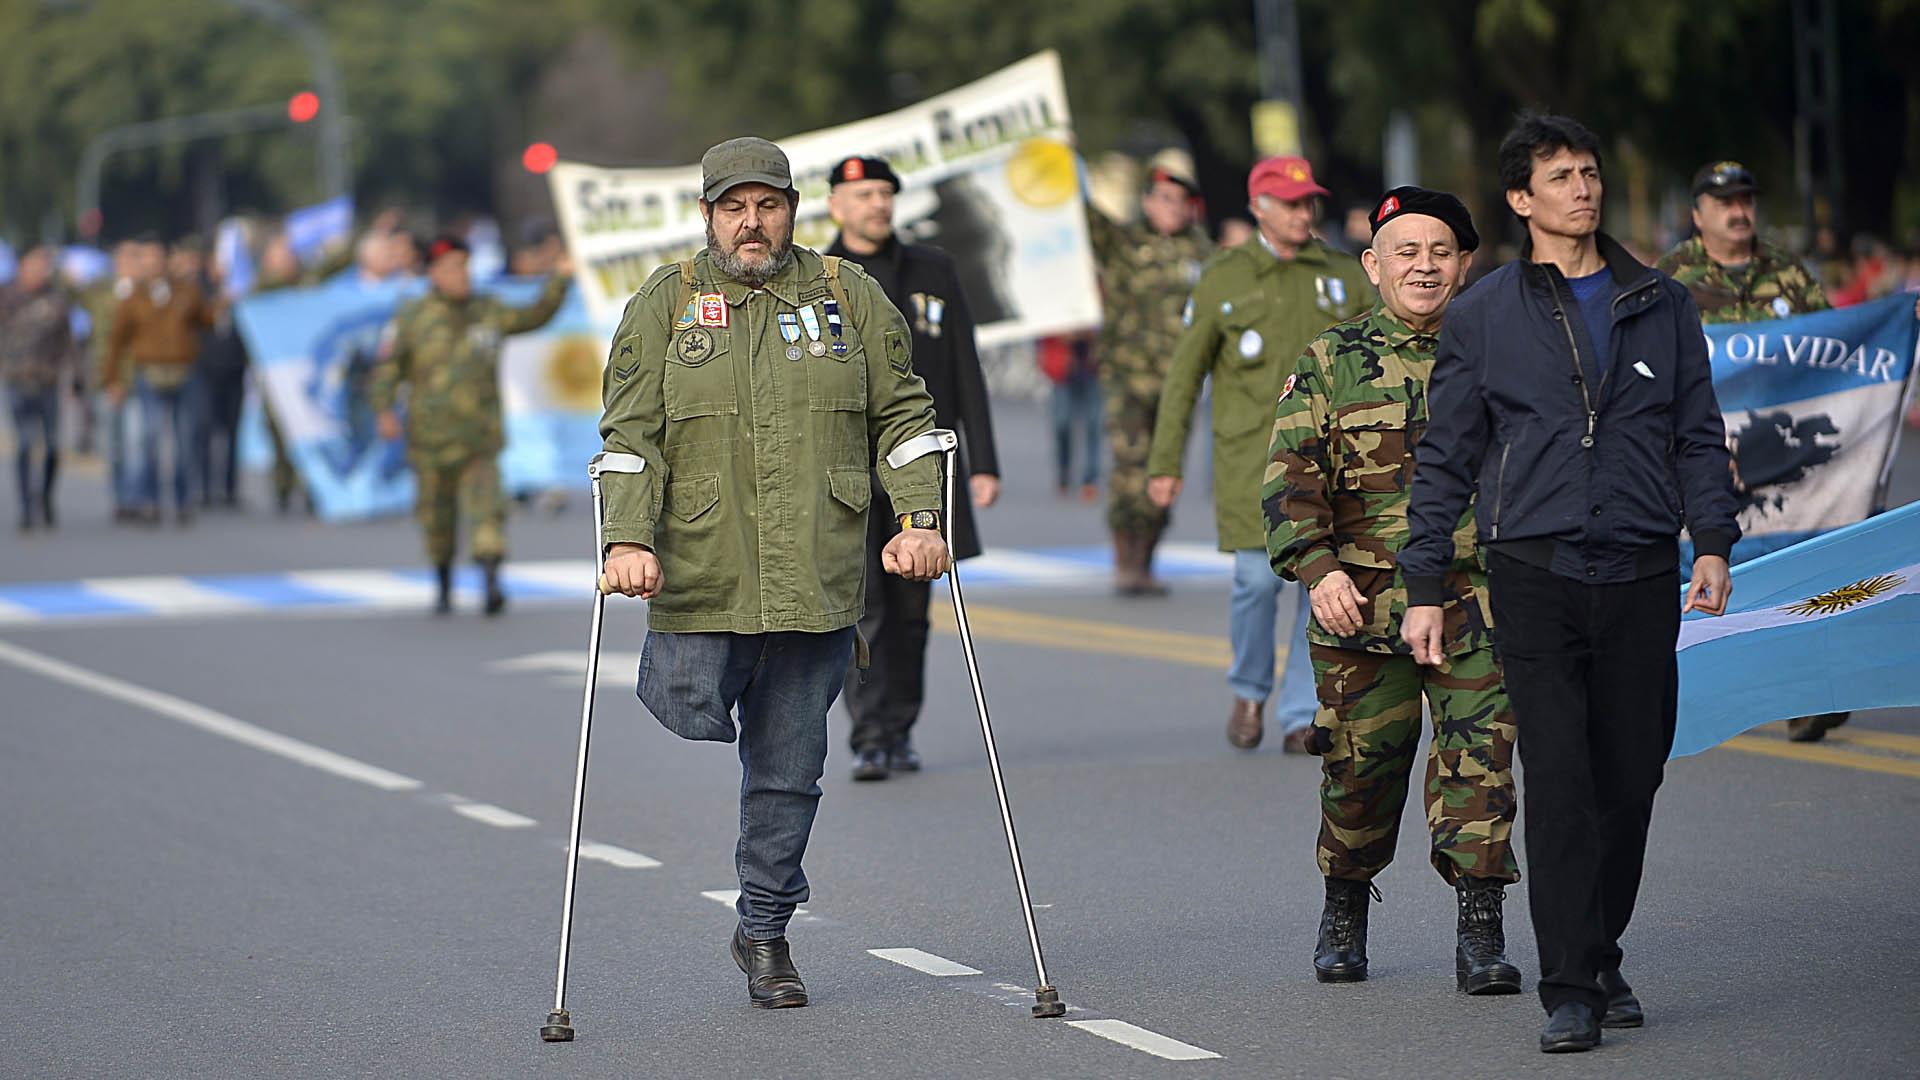 Veteranos de la Guerra de Malvinas de todas las provincias confluyeron en el acto